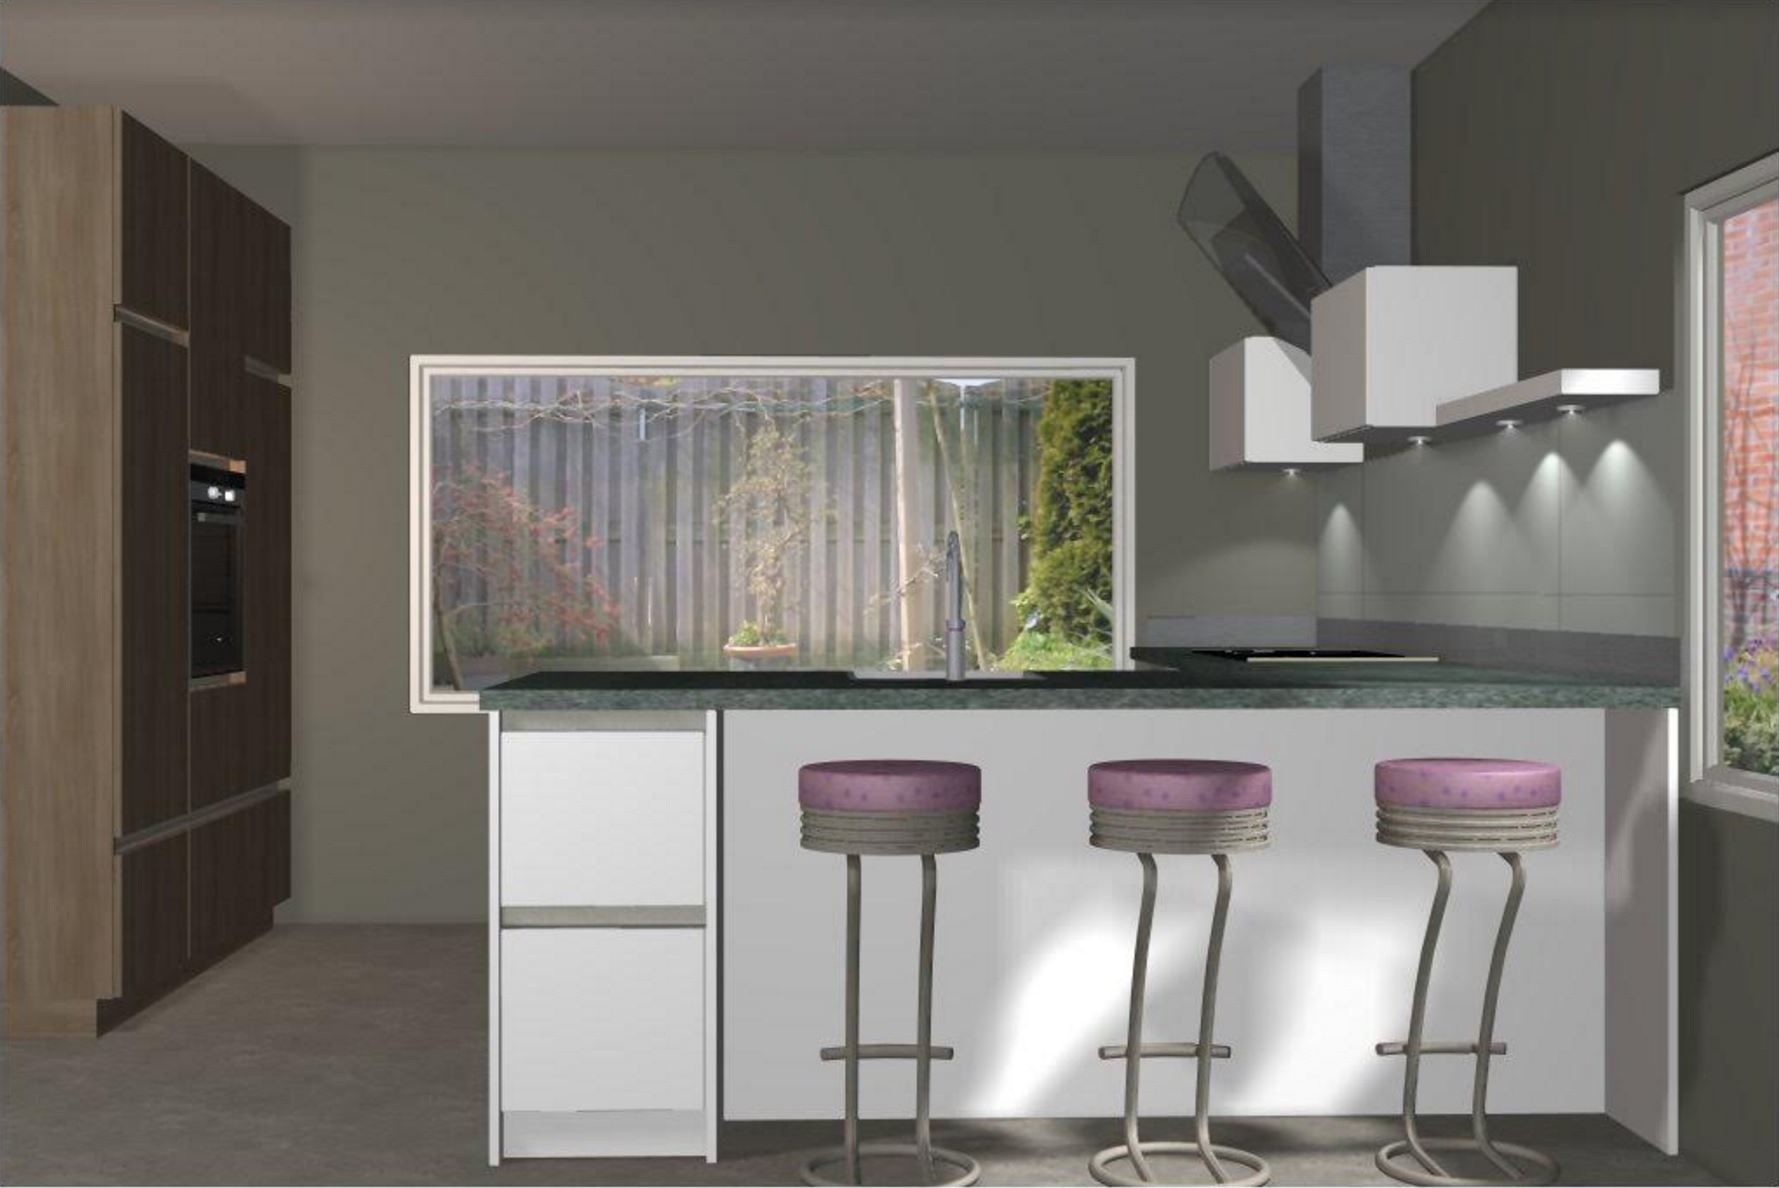 keuken carrousel le mans prijs : Het Grote Keuken Topic Verkopers Kwaliteit Prijs Deel 3